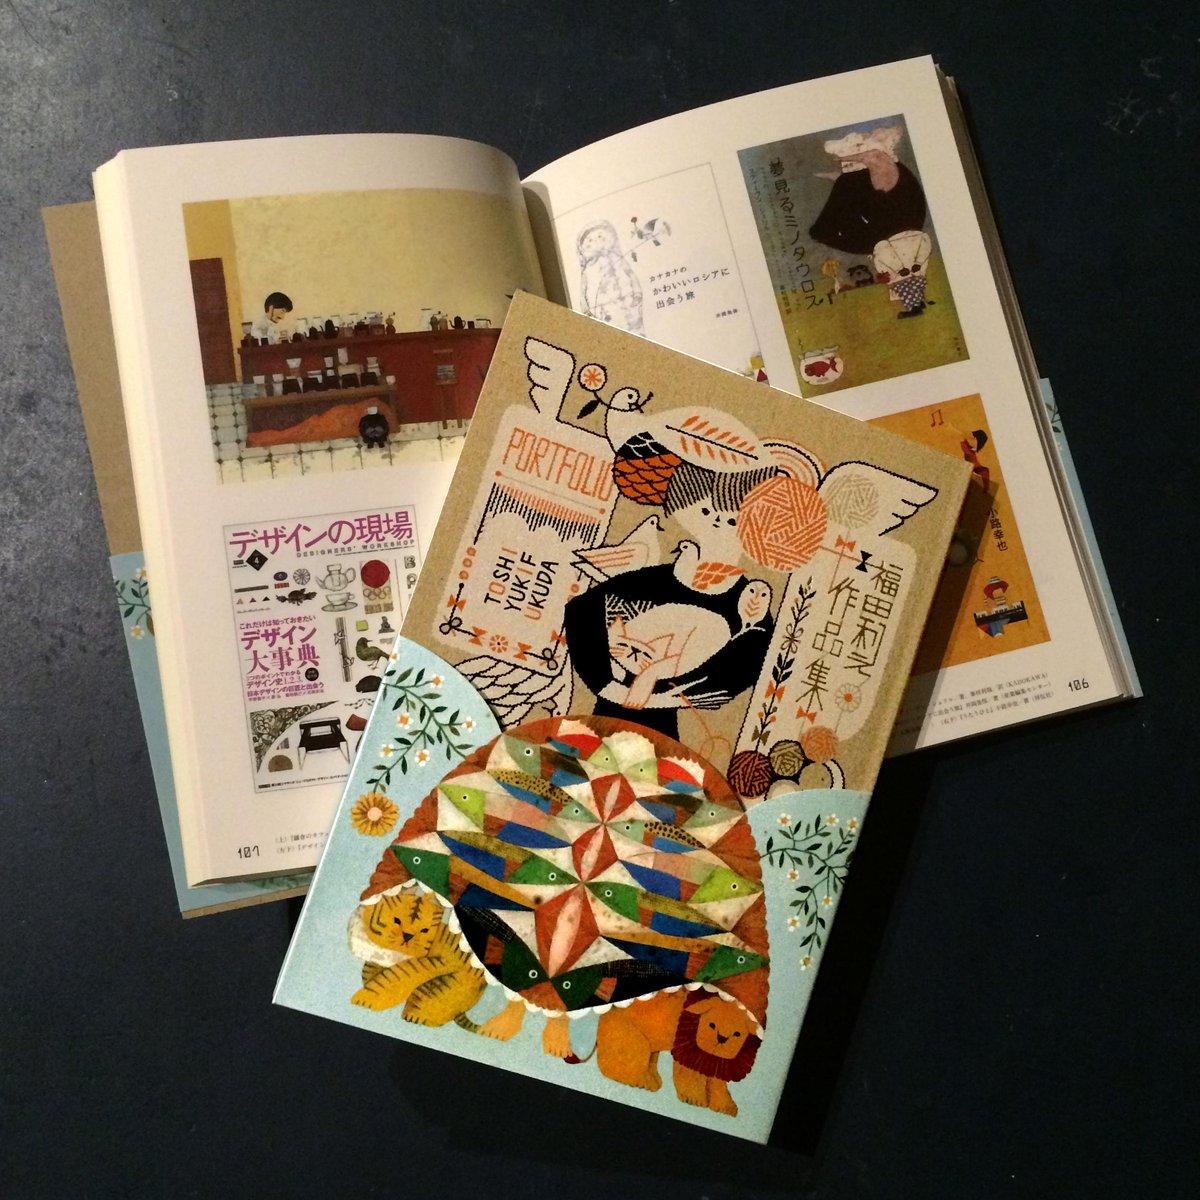 「福田利之作品集」が9月2日に玄光社より出版されます。 http://t.co/b2Z1OmpeYh 糸井重里さん、草野マサムネさんからコメントいただき、名久井直子さんとの対談など収録。そしてブックデザインは大島依提亜さんです。 http://t.co/fxrX4PrEcX